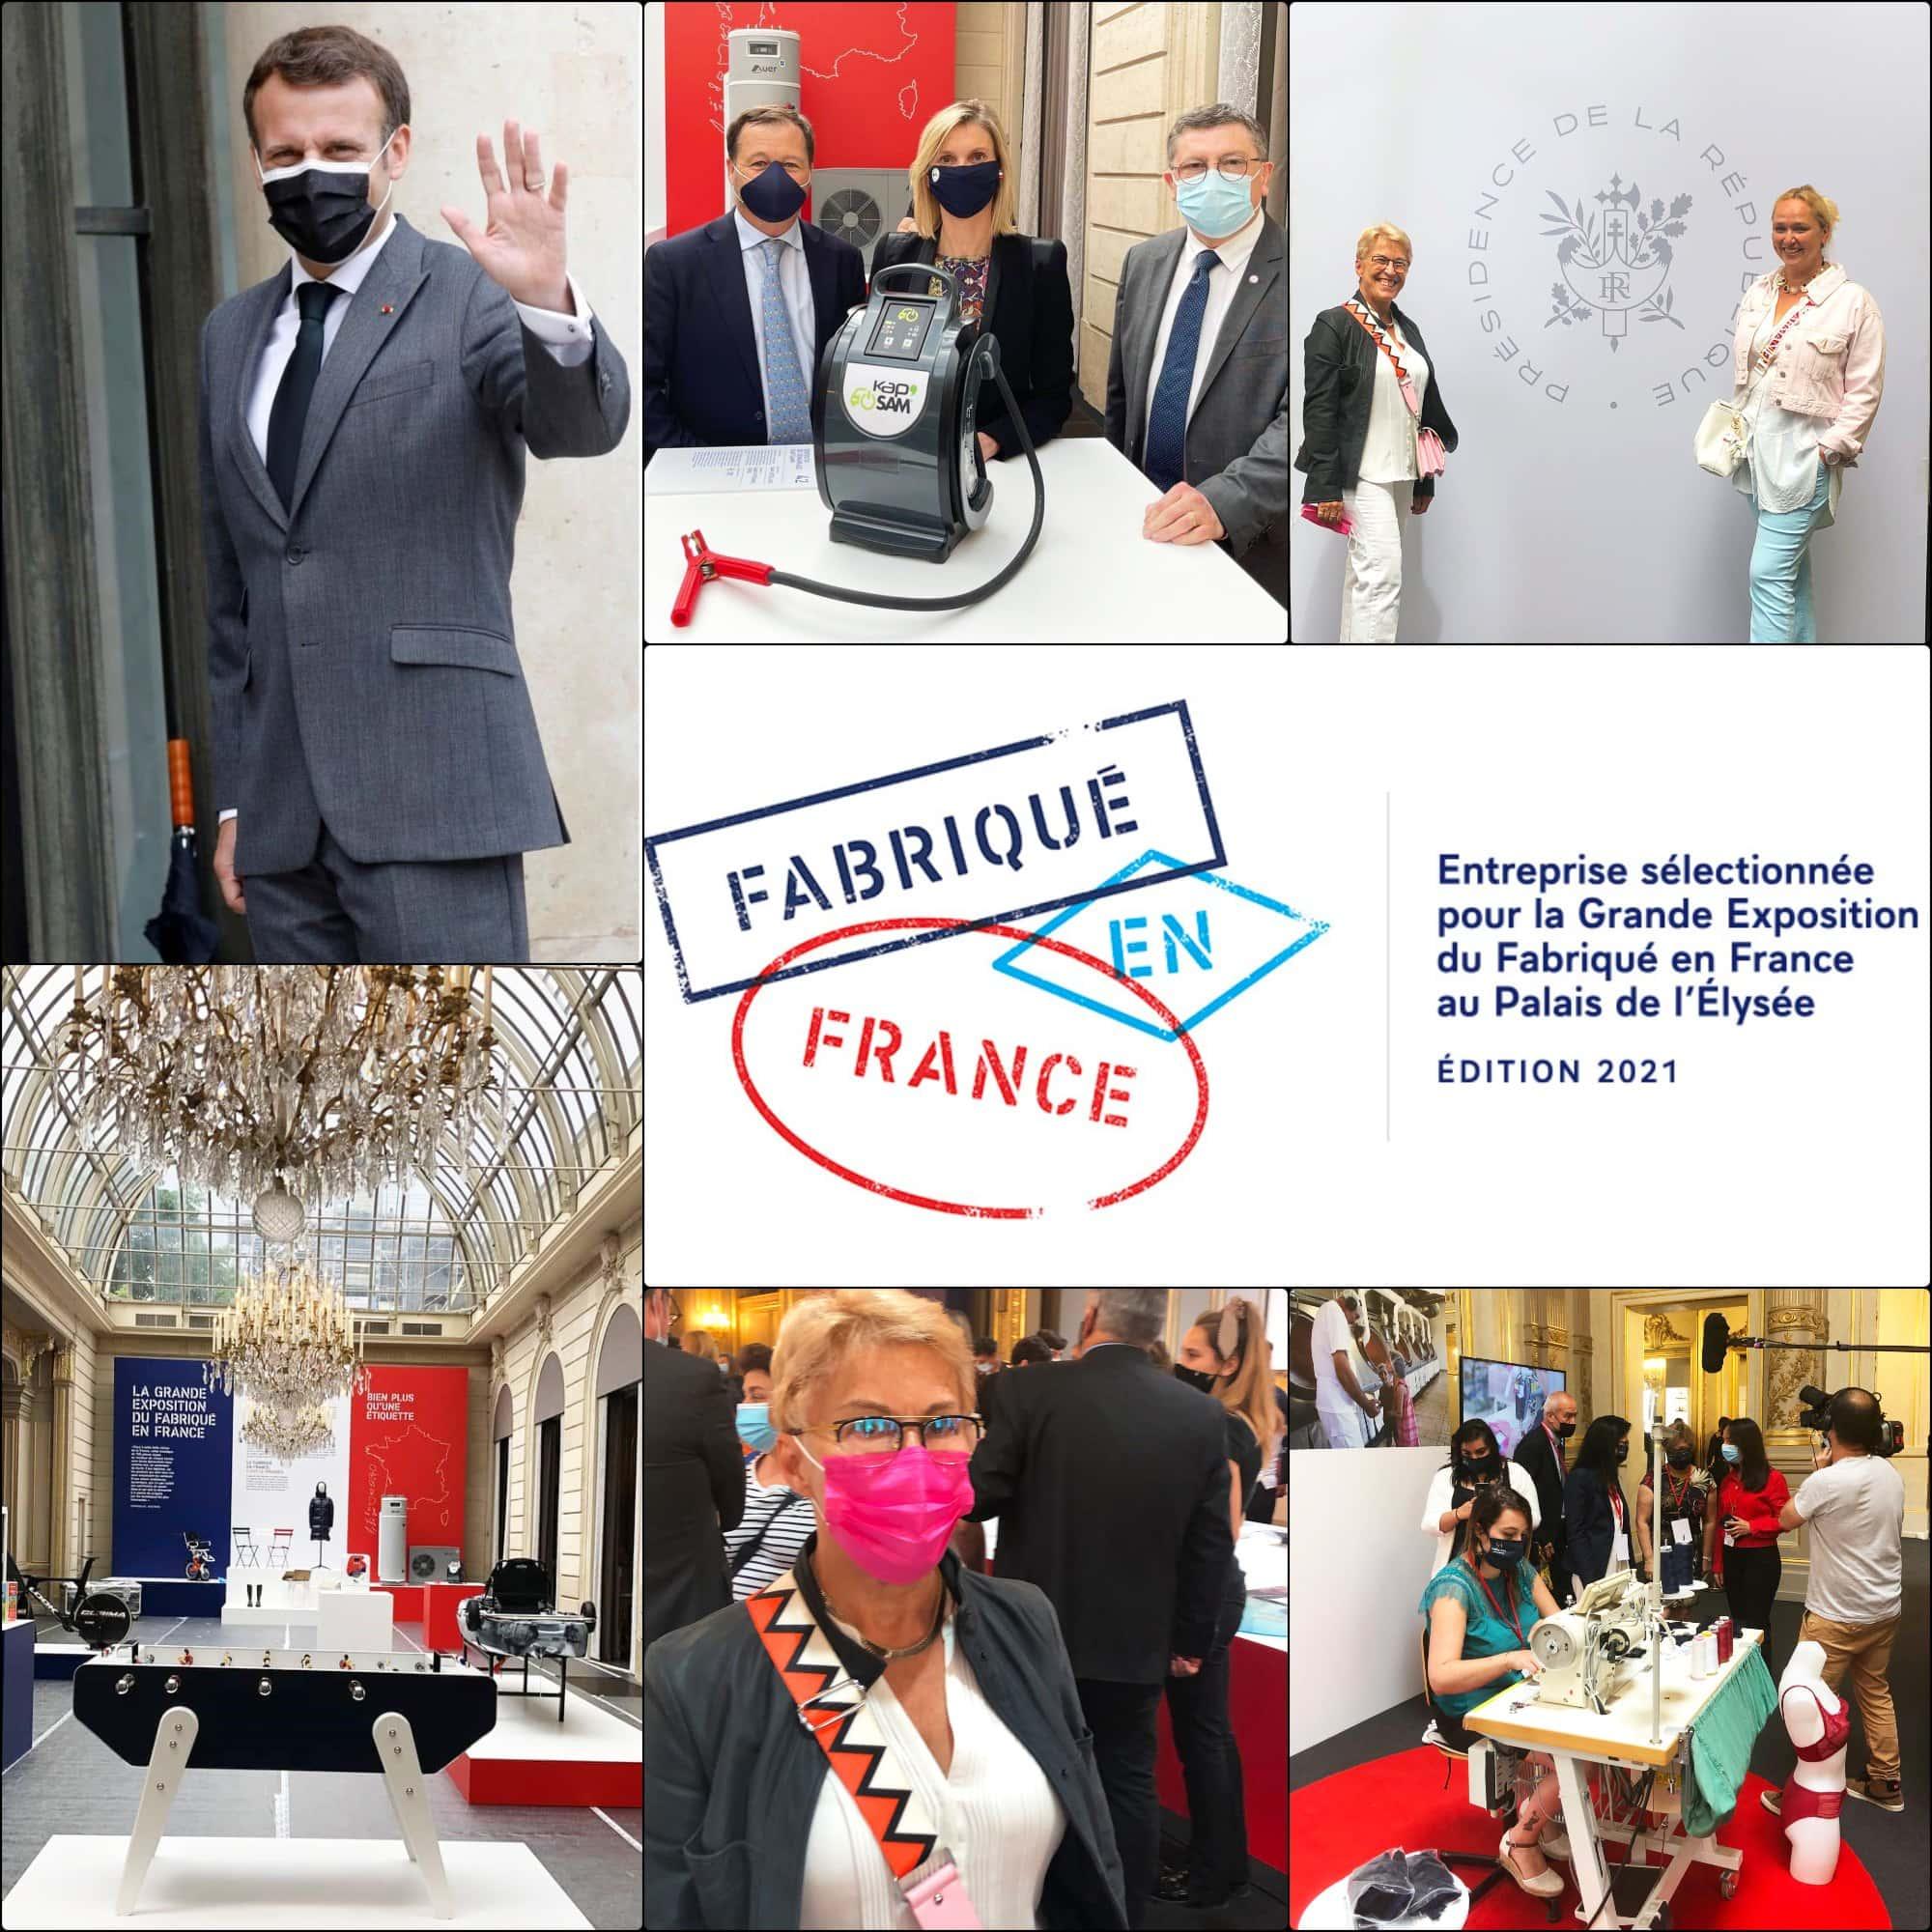 Fabriqué en France 2021 Élysée expo par RUNWAY RIVISTA. Emmanuel Macron, Agnès Pannier-Runacher, Guillaumette Duplaix